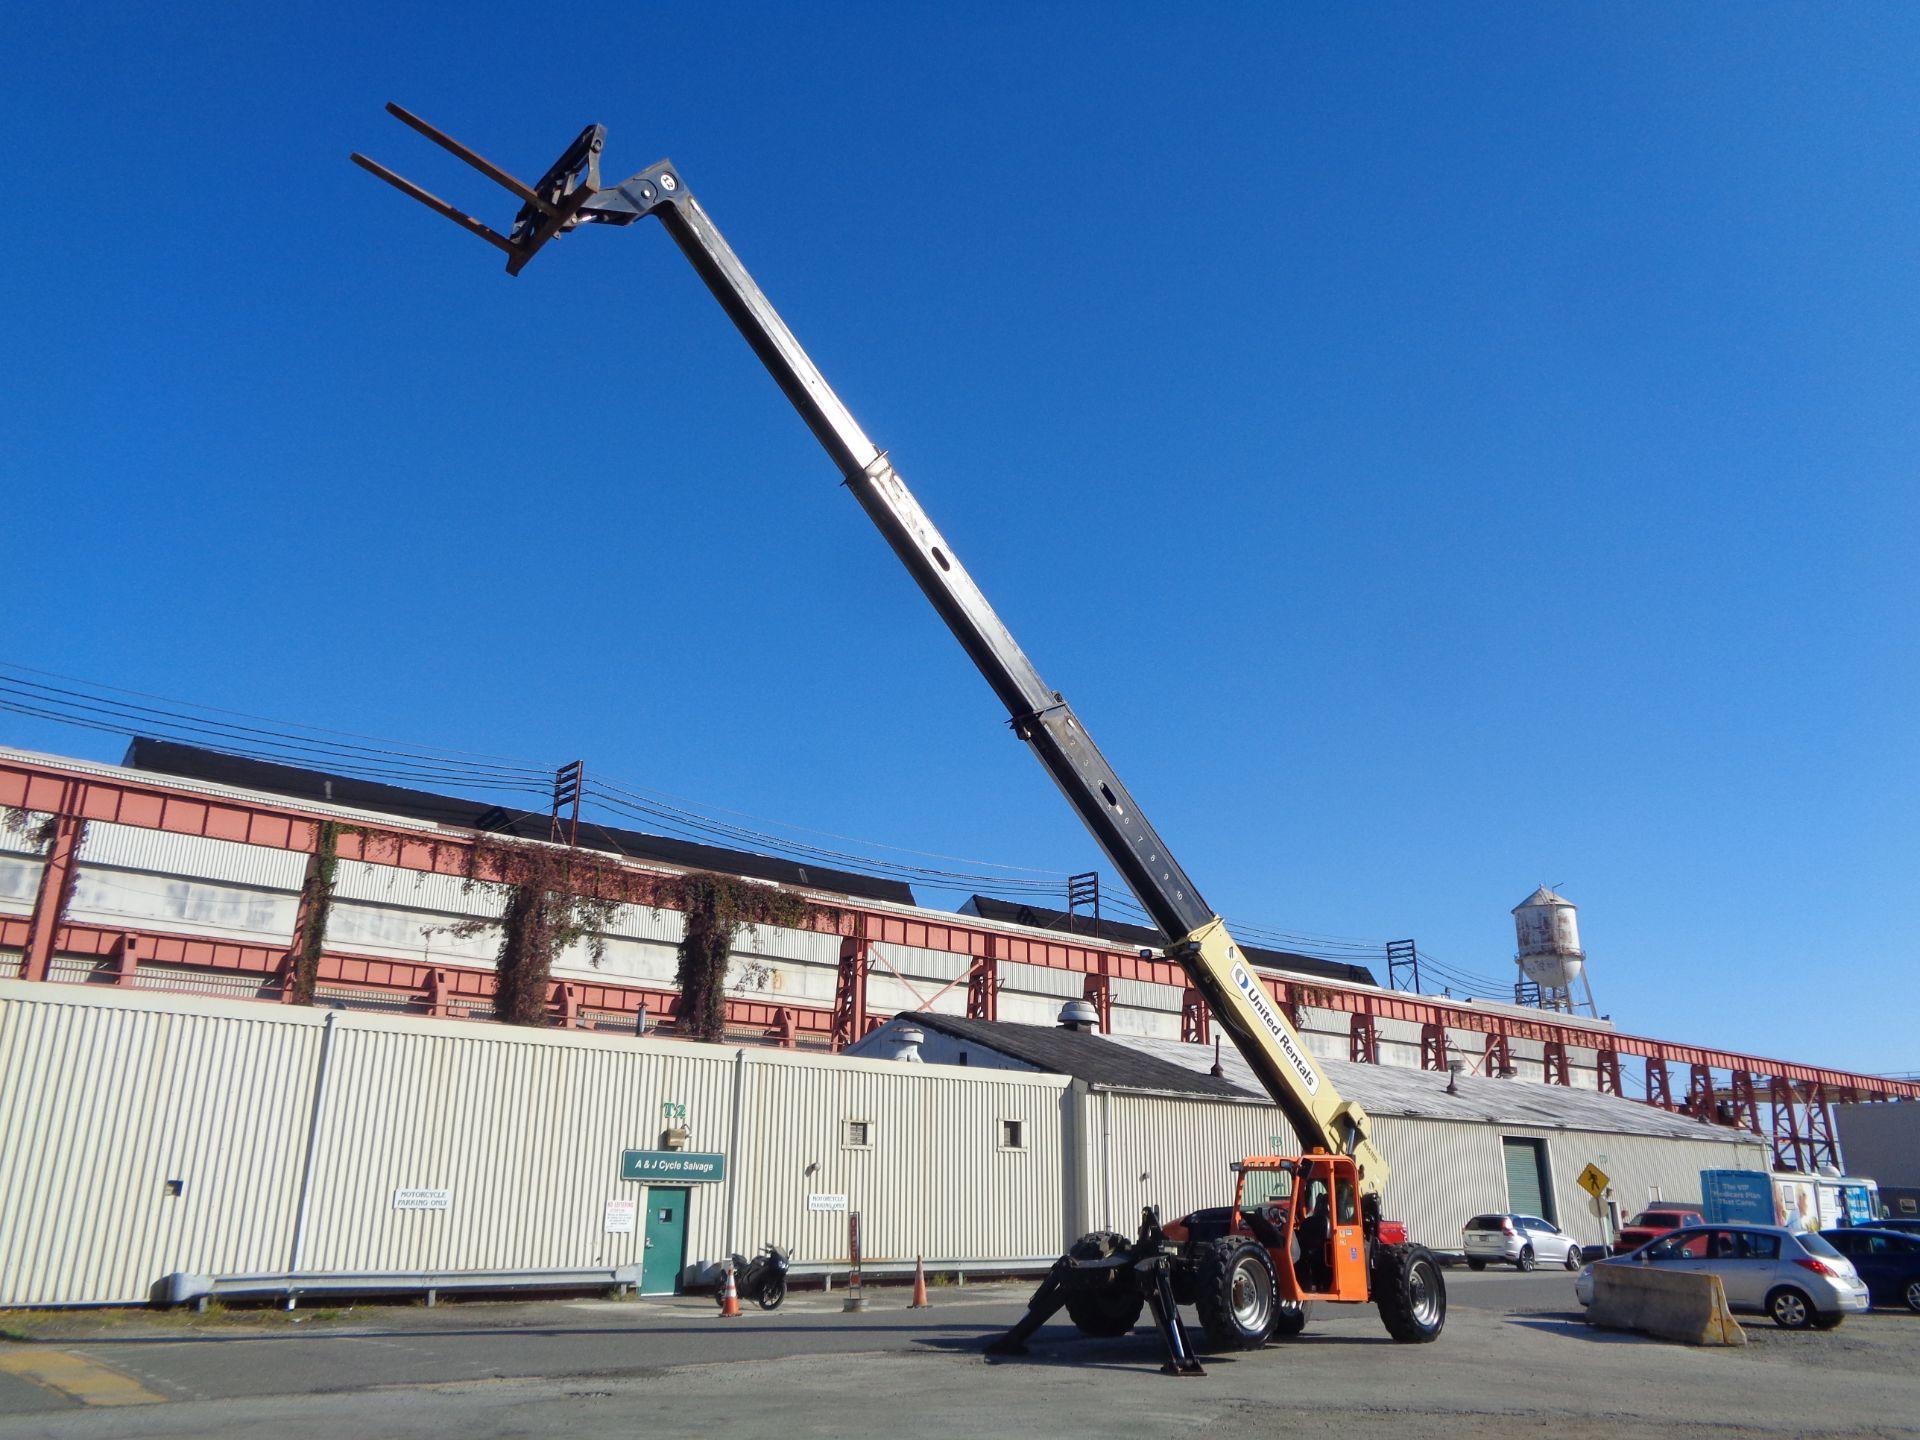 Lot 50 - 2012 JLG G12 55A 12000lb Telescopic Forklift